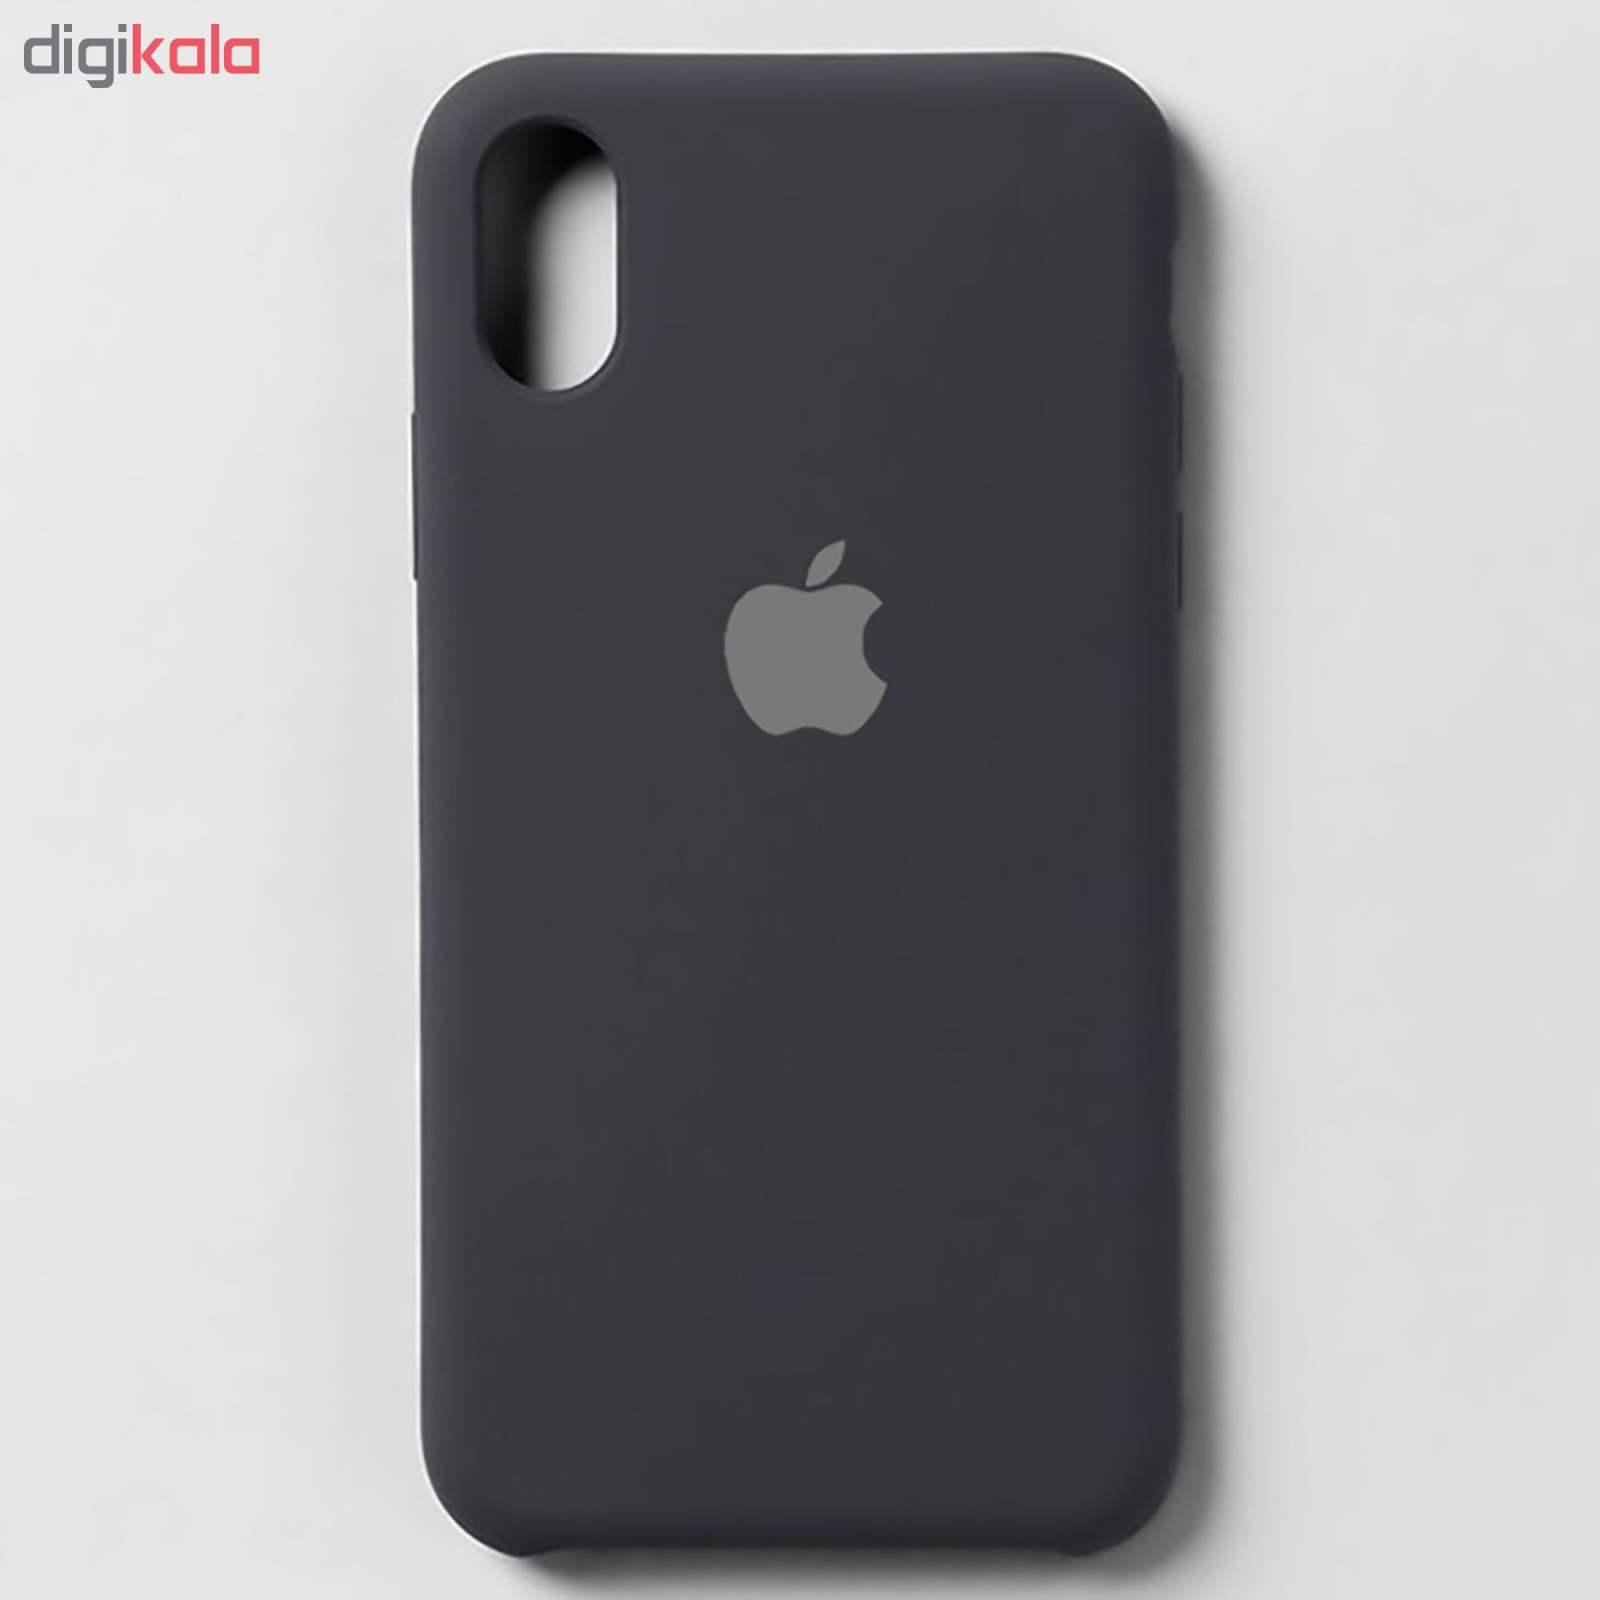 کاور  مدل Silc مناسب برای گوشی موبایل اپل Iphone Xs max main 1 23